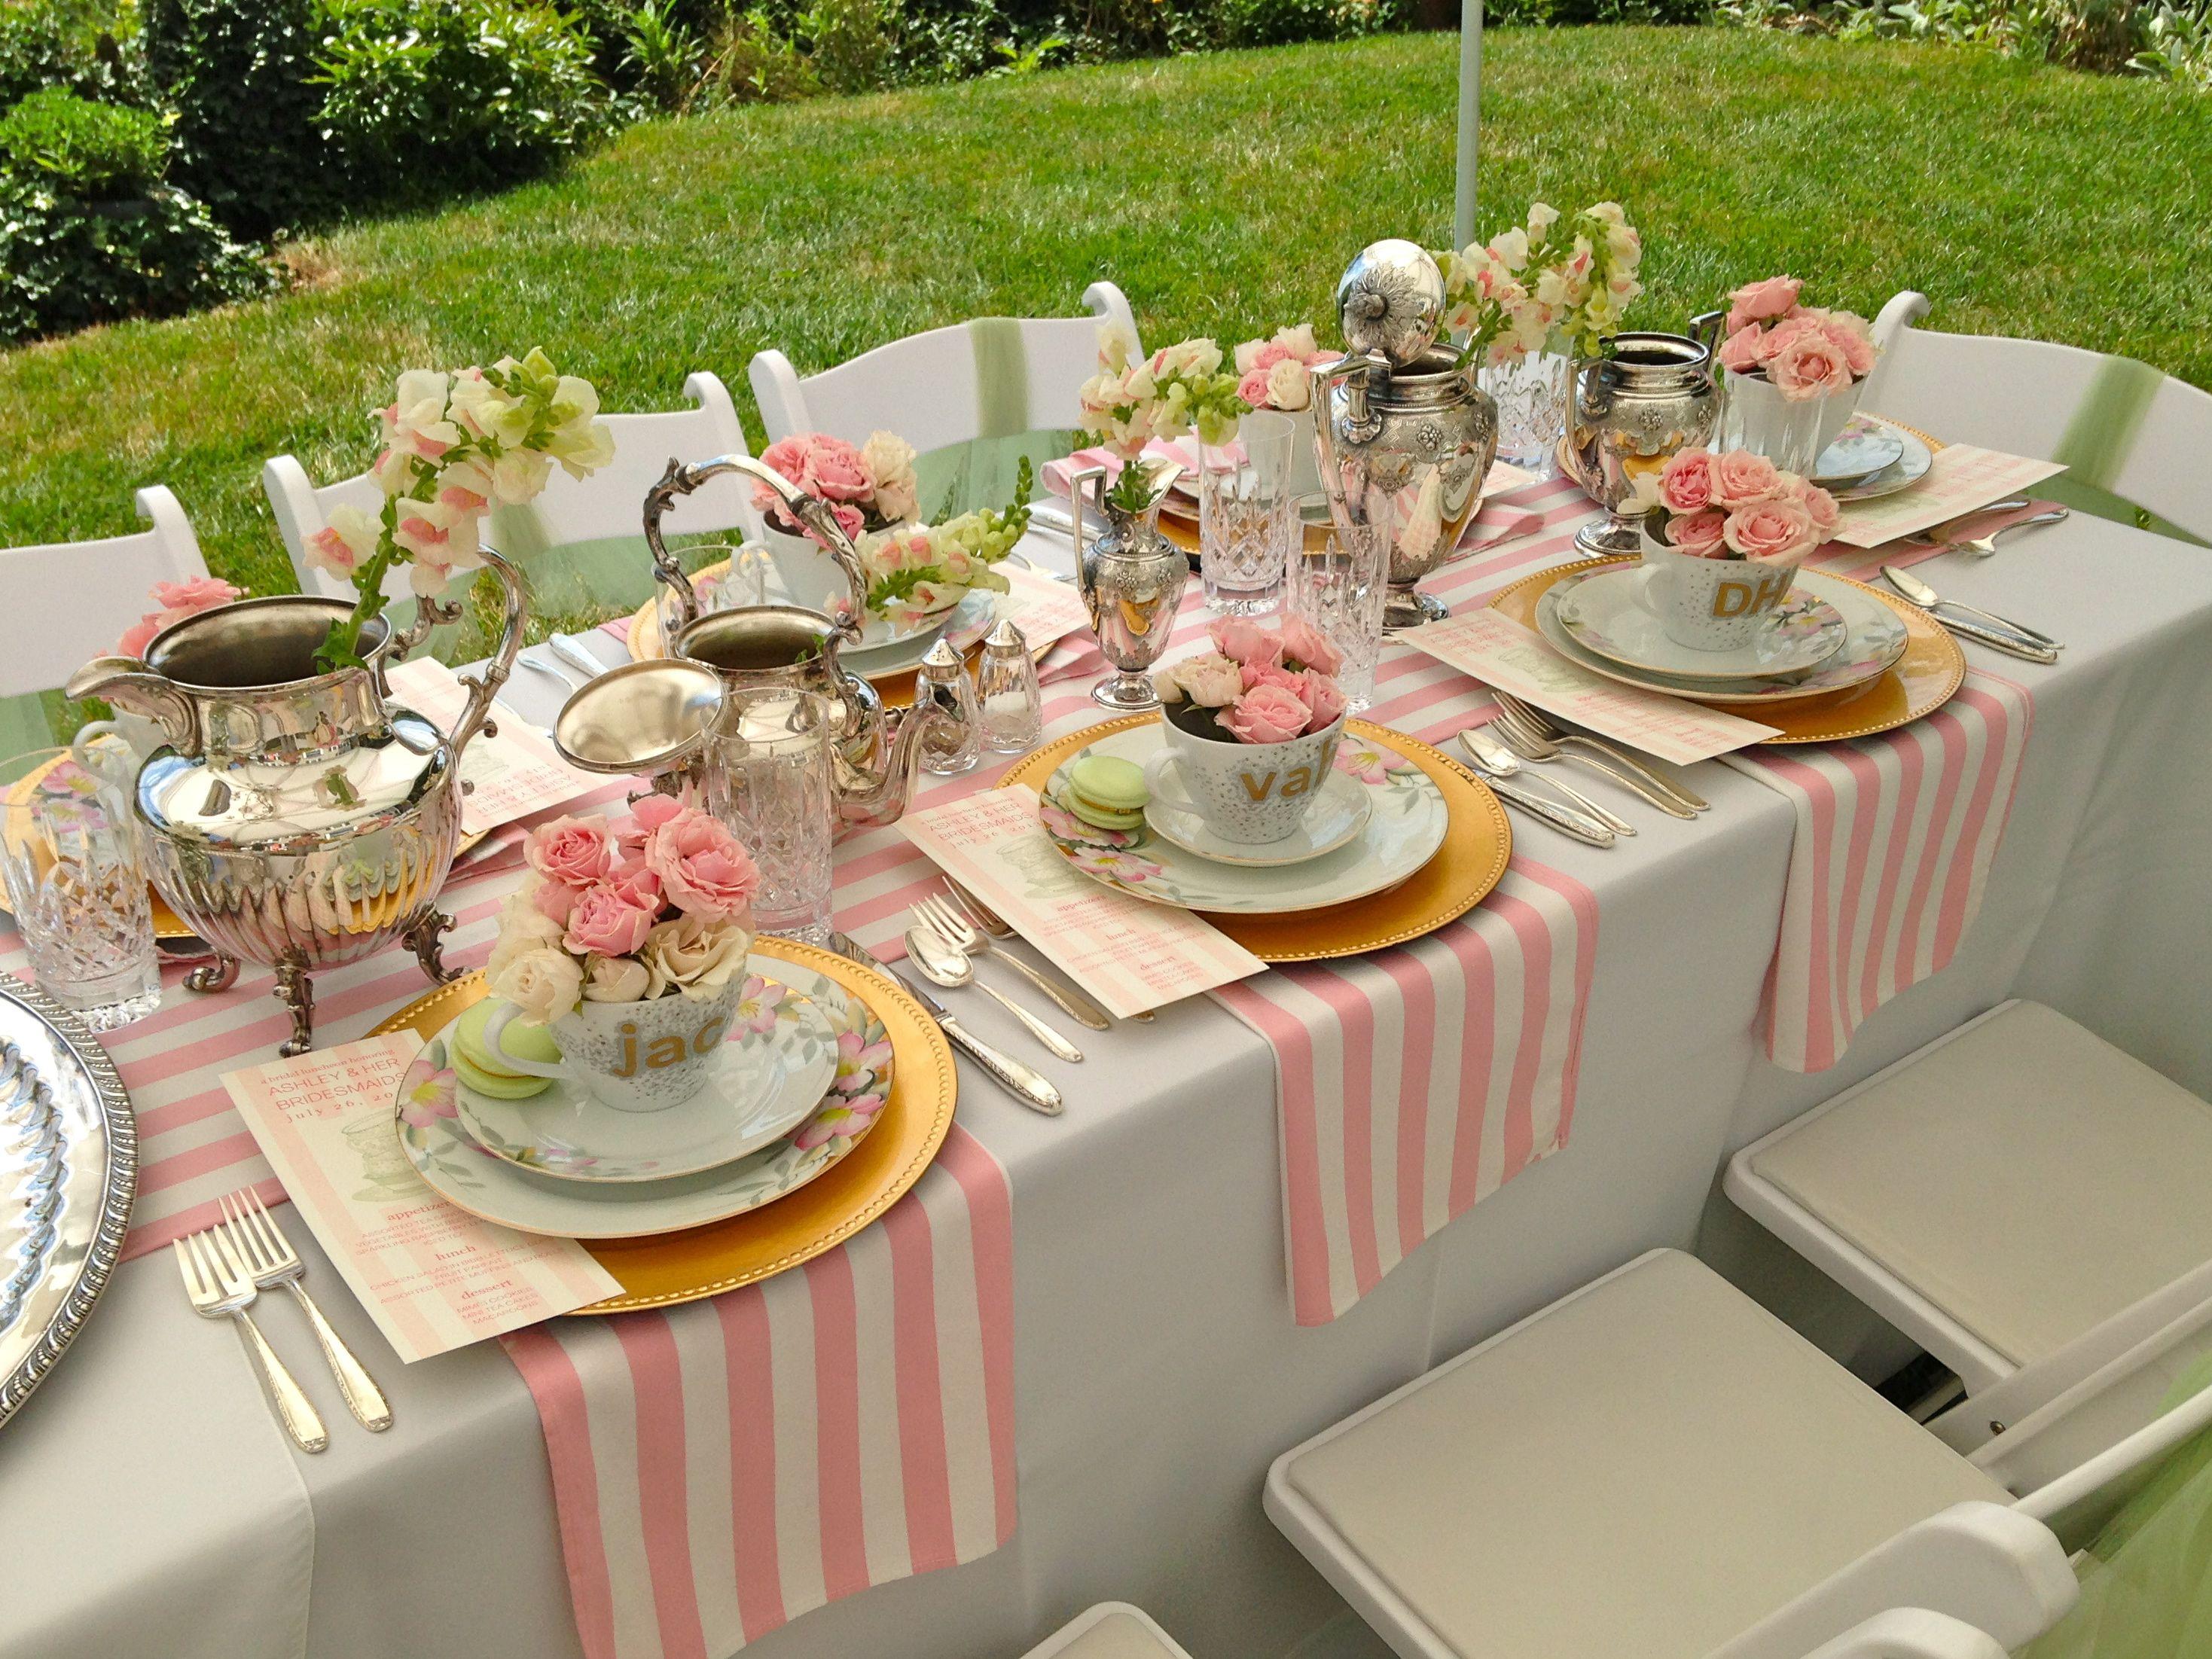 bridesmaids luncheon   Garden Tea Party   Pinterest   Bridesmaid ...